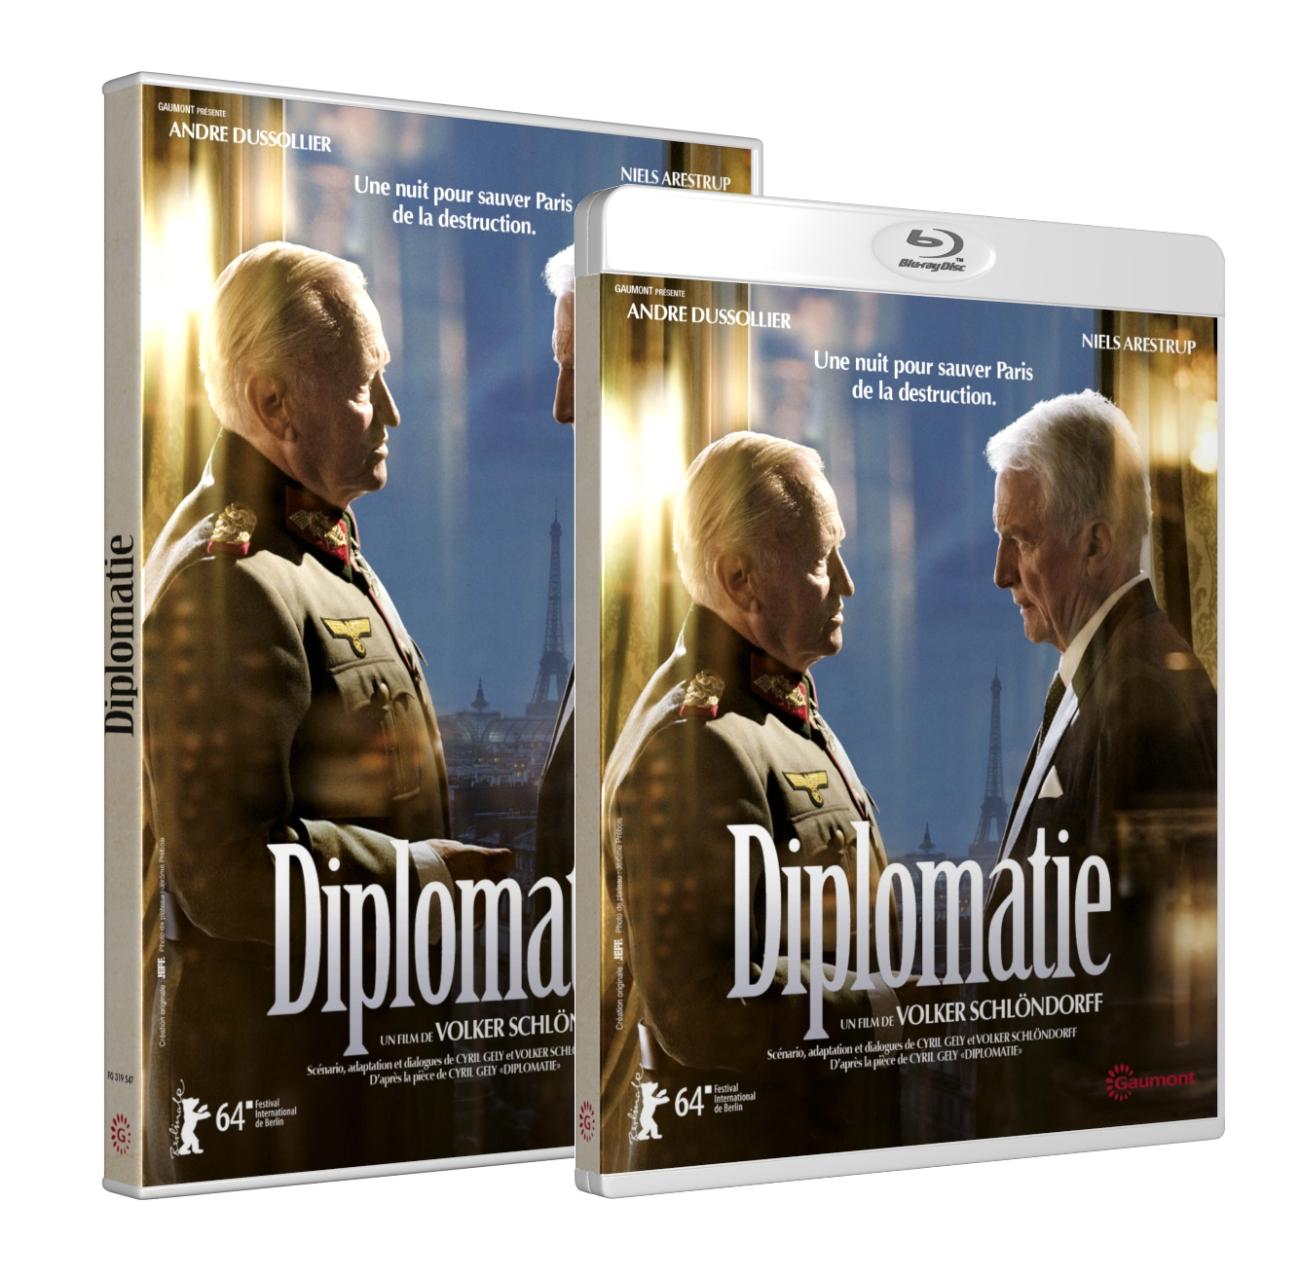 ressources_2014-06-05_11-46-20_Jaquette_3D_DVD_BRD_DIPLOMATIE